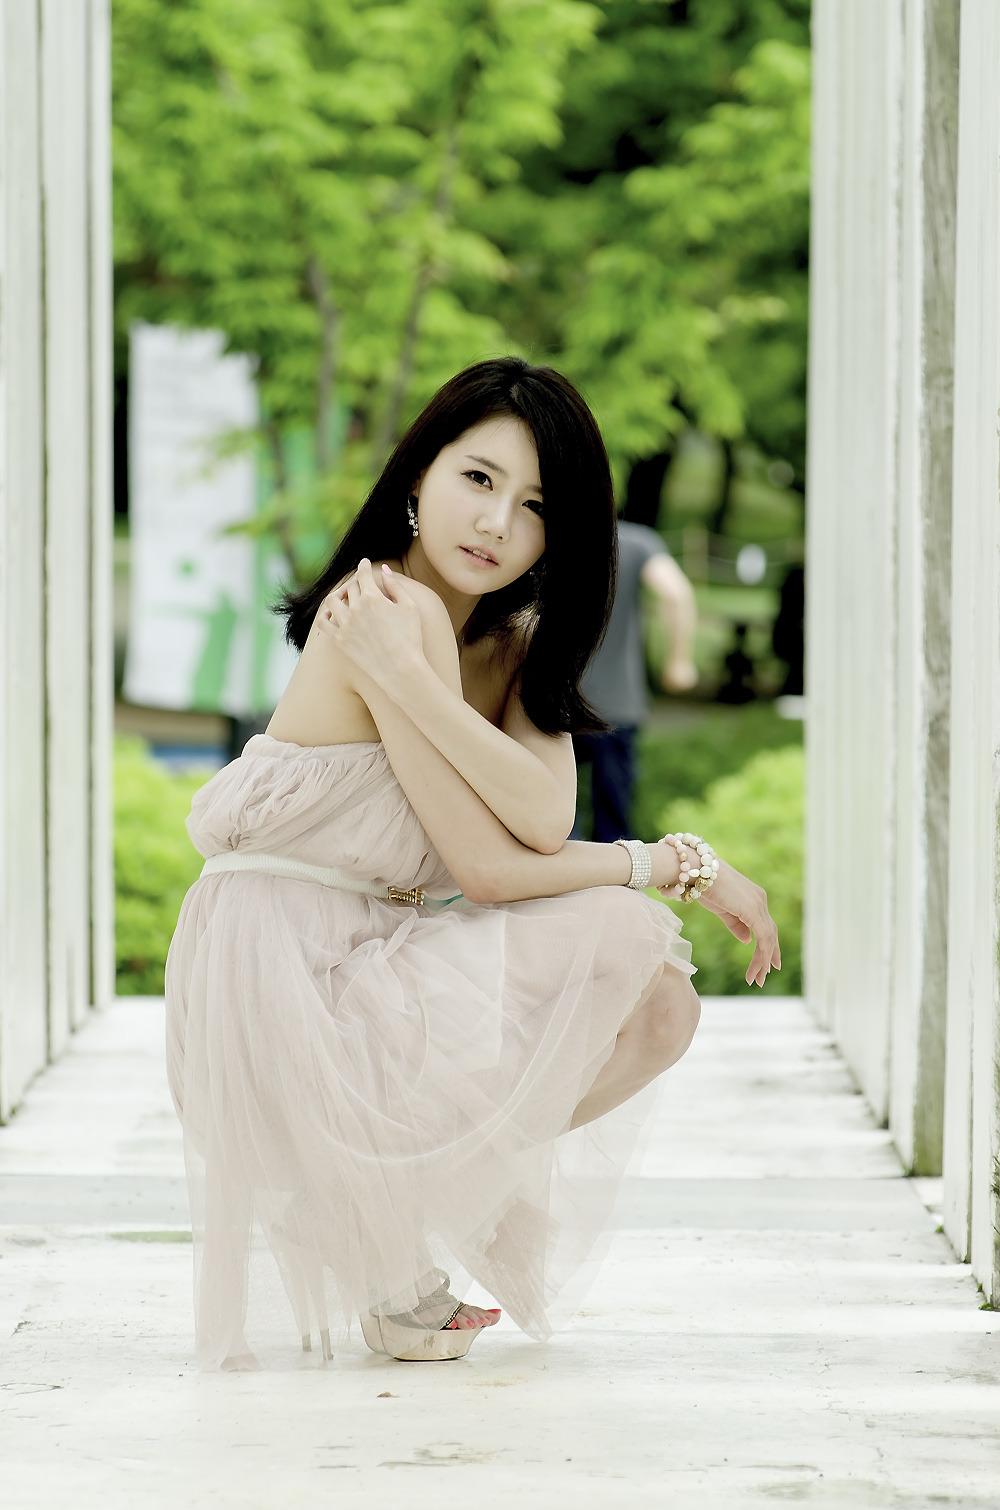 Picasa pack 3 Han Ga Eun